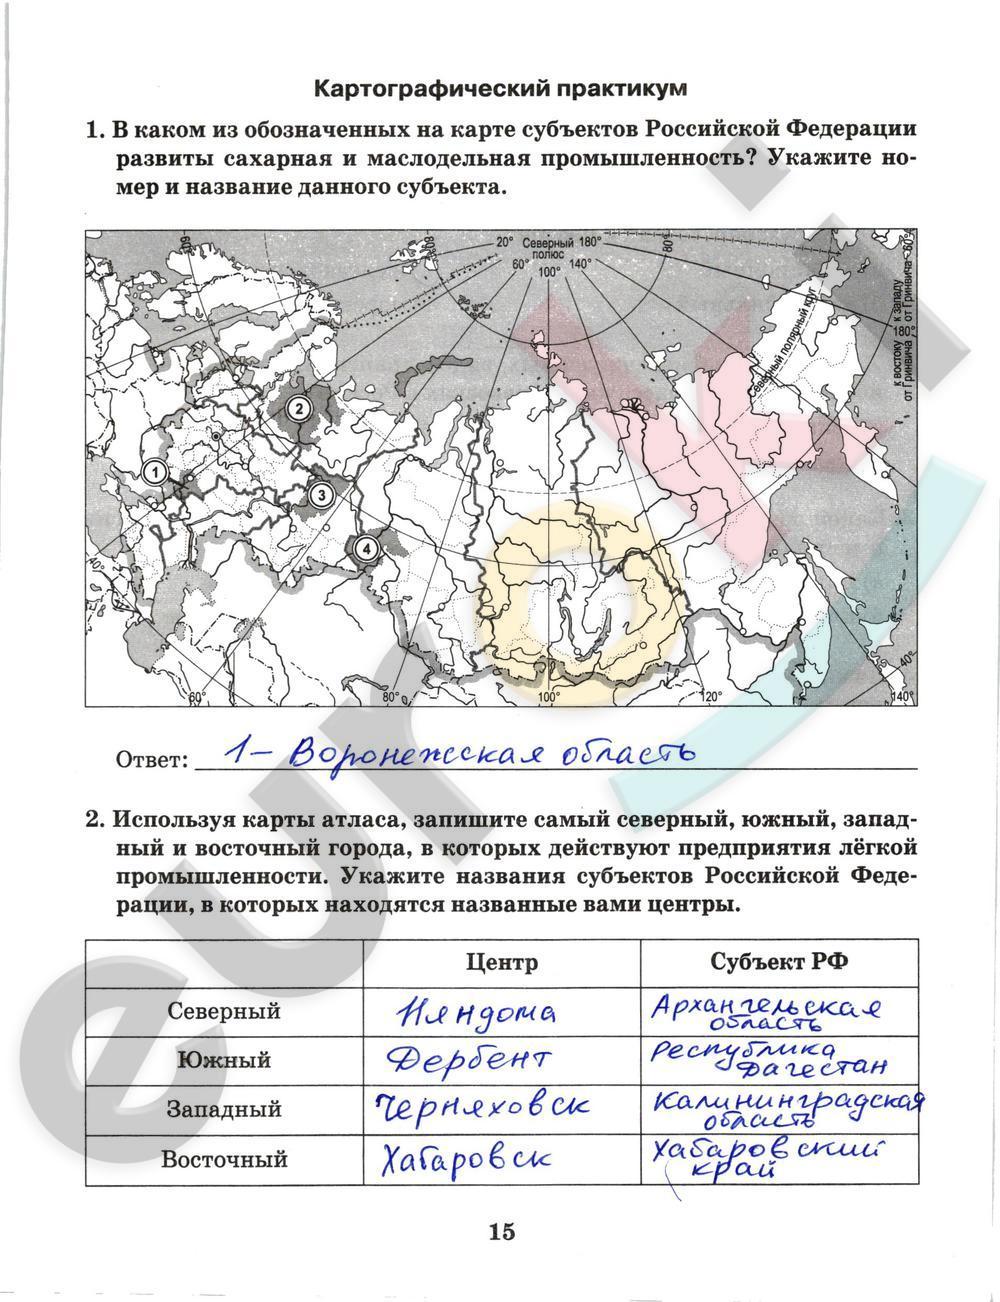 ГДЗ по географии 9 класс рабочая тетрадь Домогацких Часть 1, 2. Задание: стр. 15